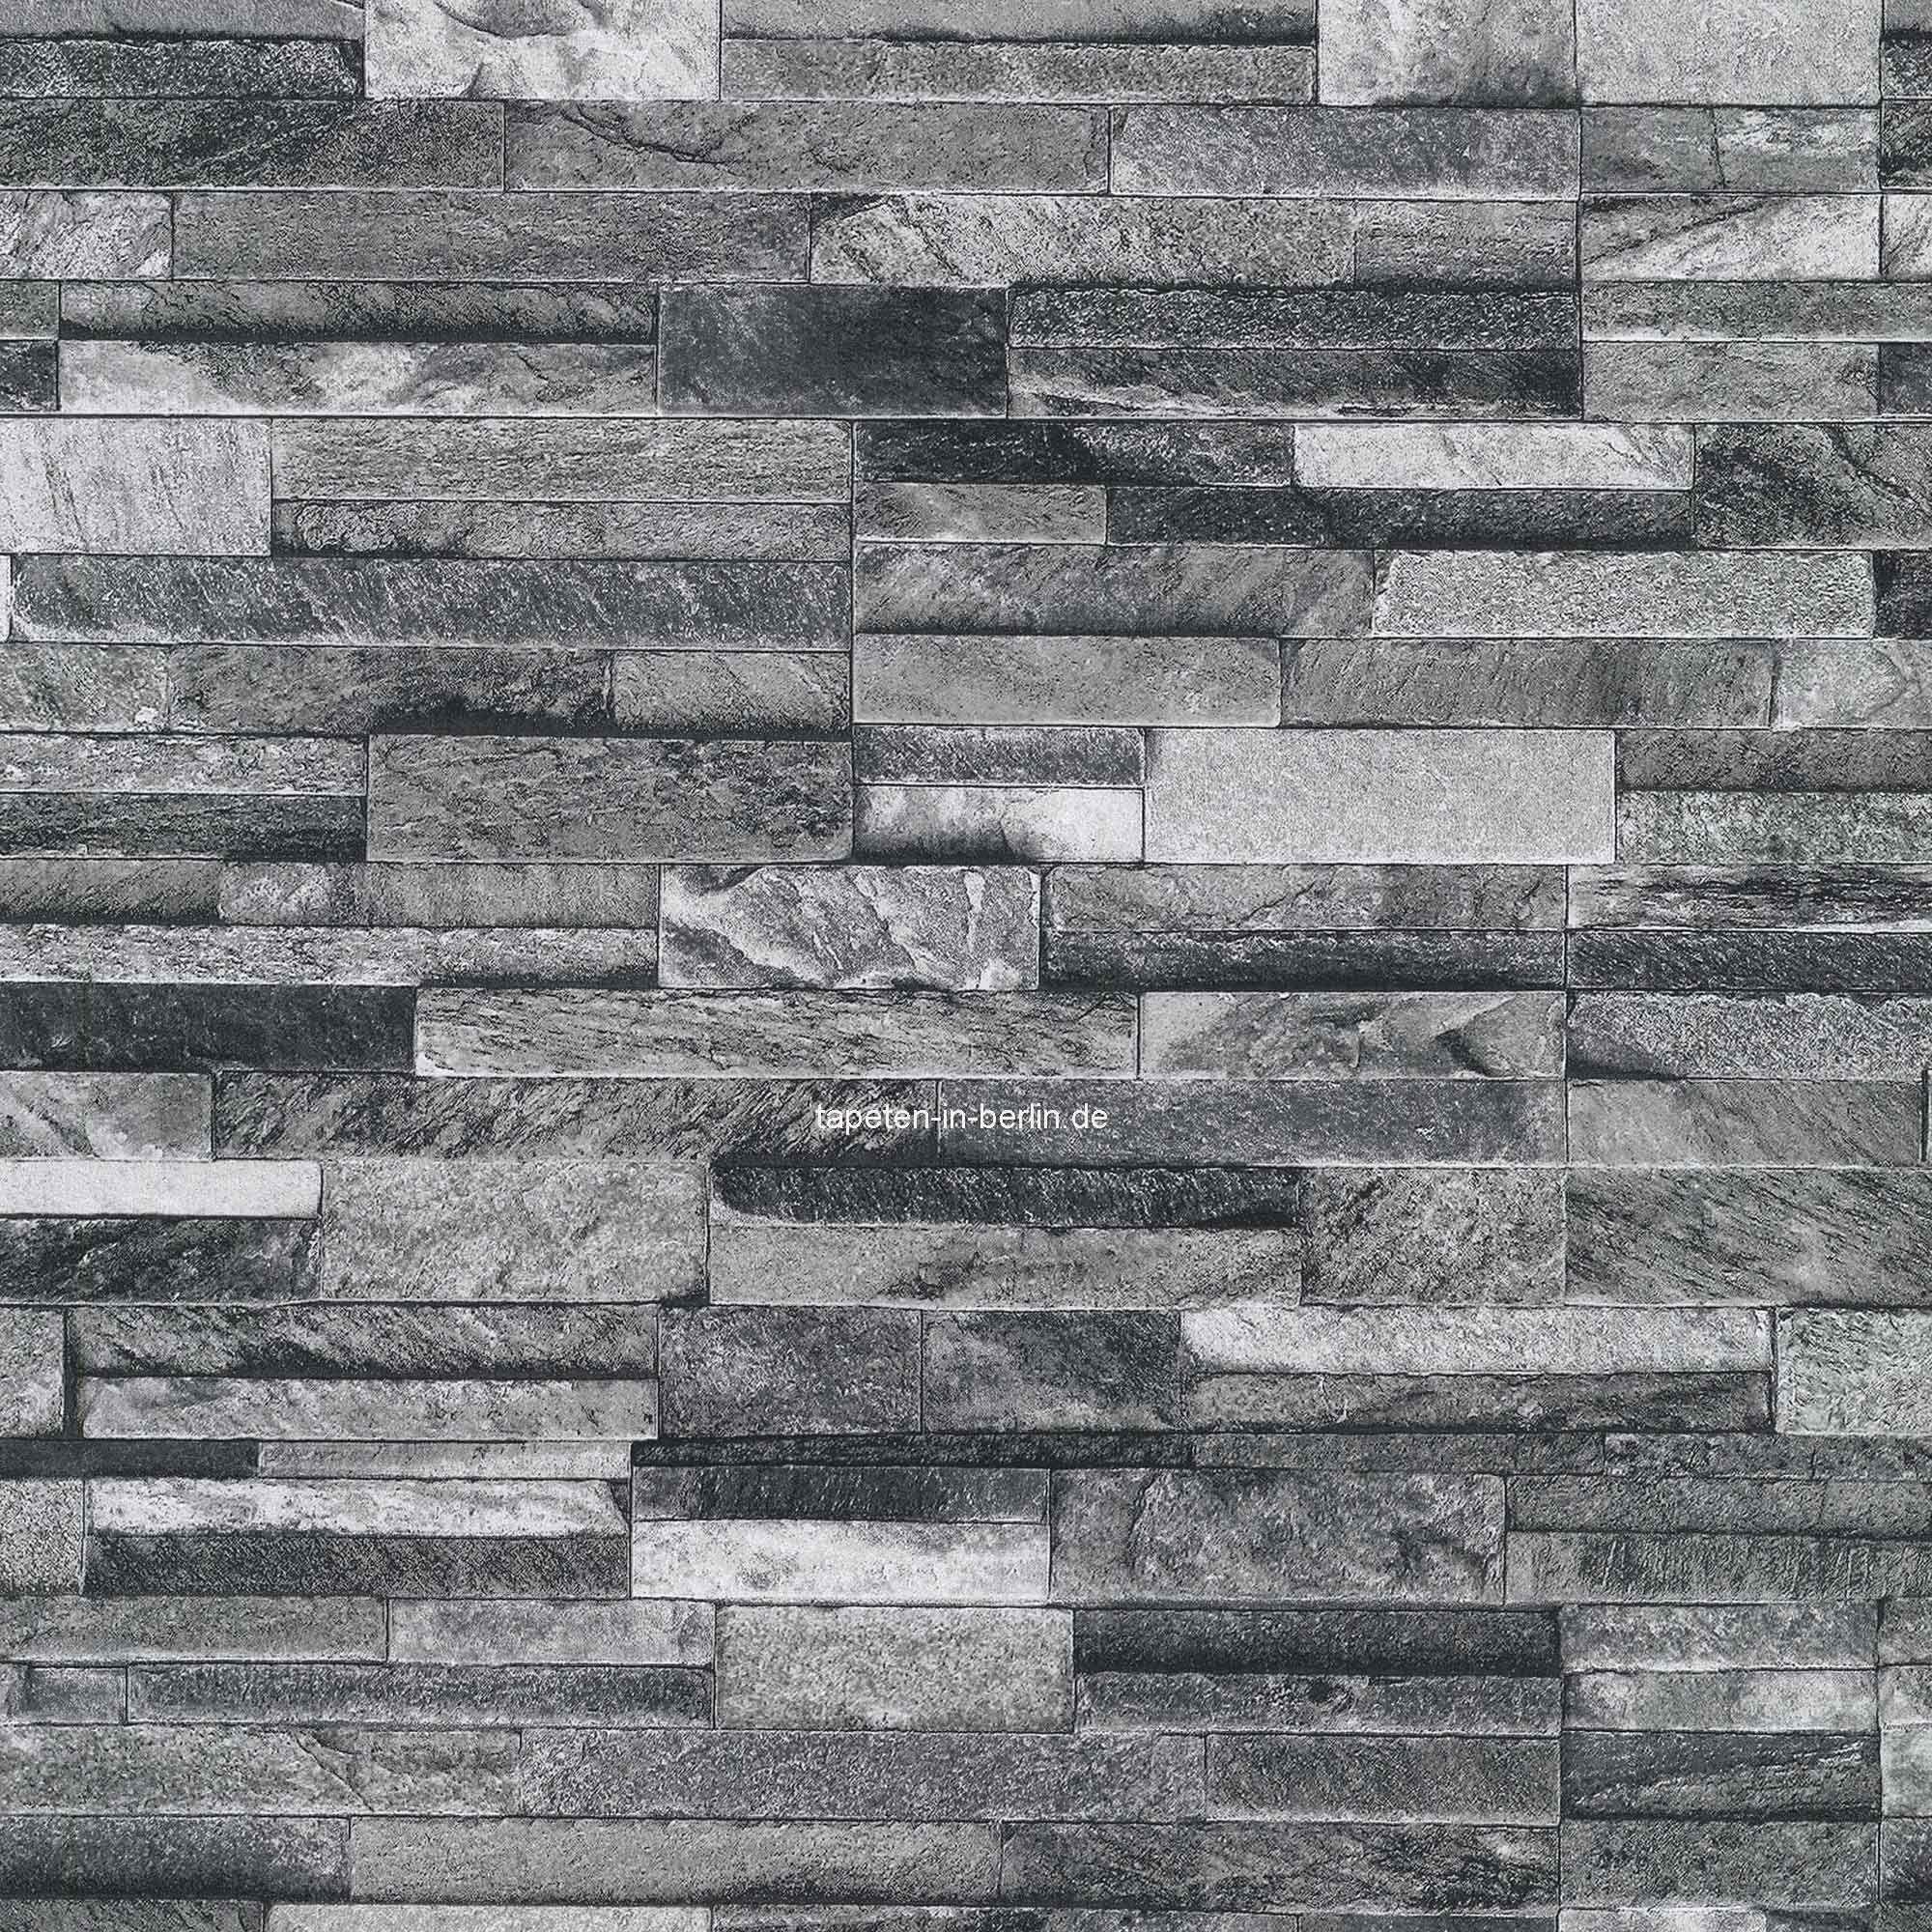 tapete steinoptik steintapete online kaufen steintapete pinterest. Black Bedroom Furniture Sets. Home Design Ideas